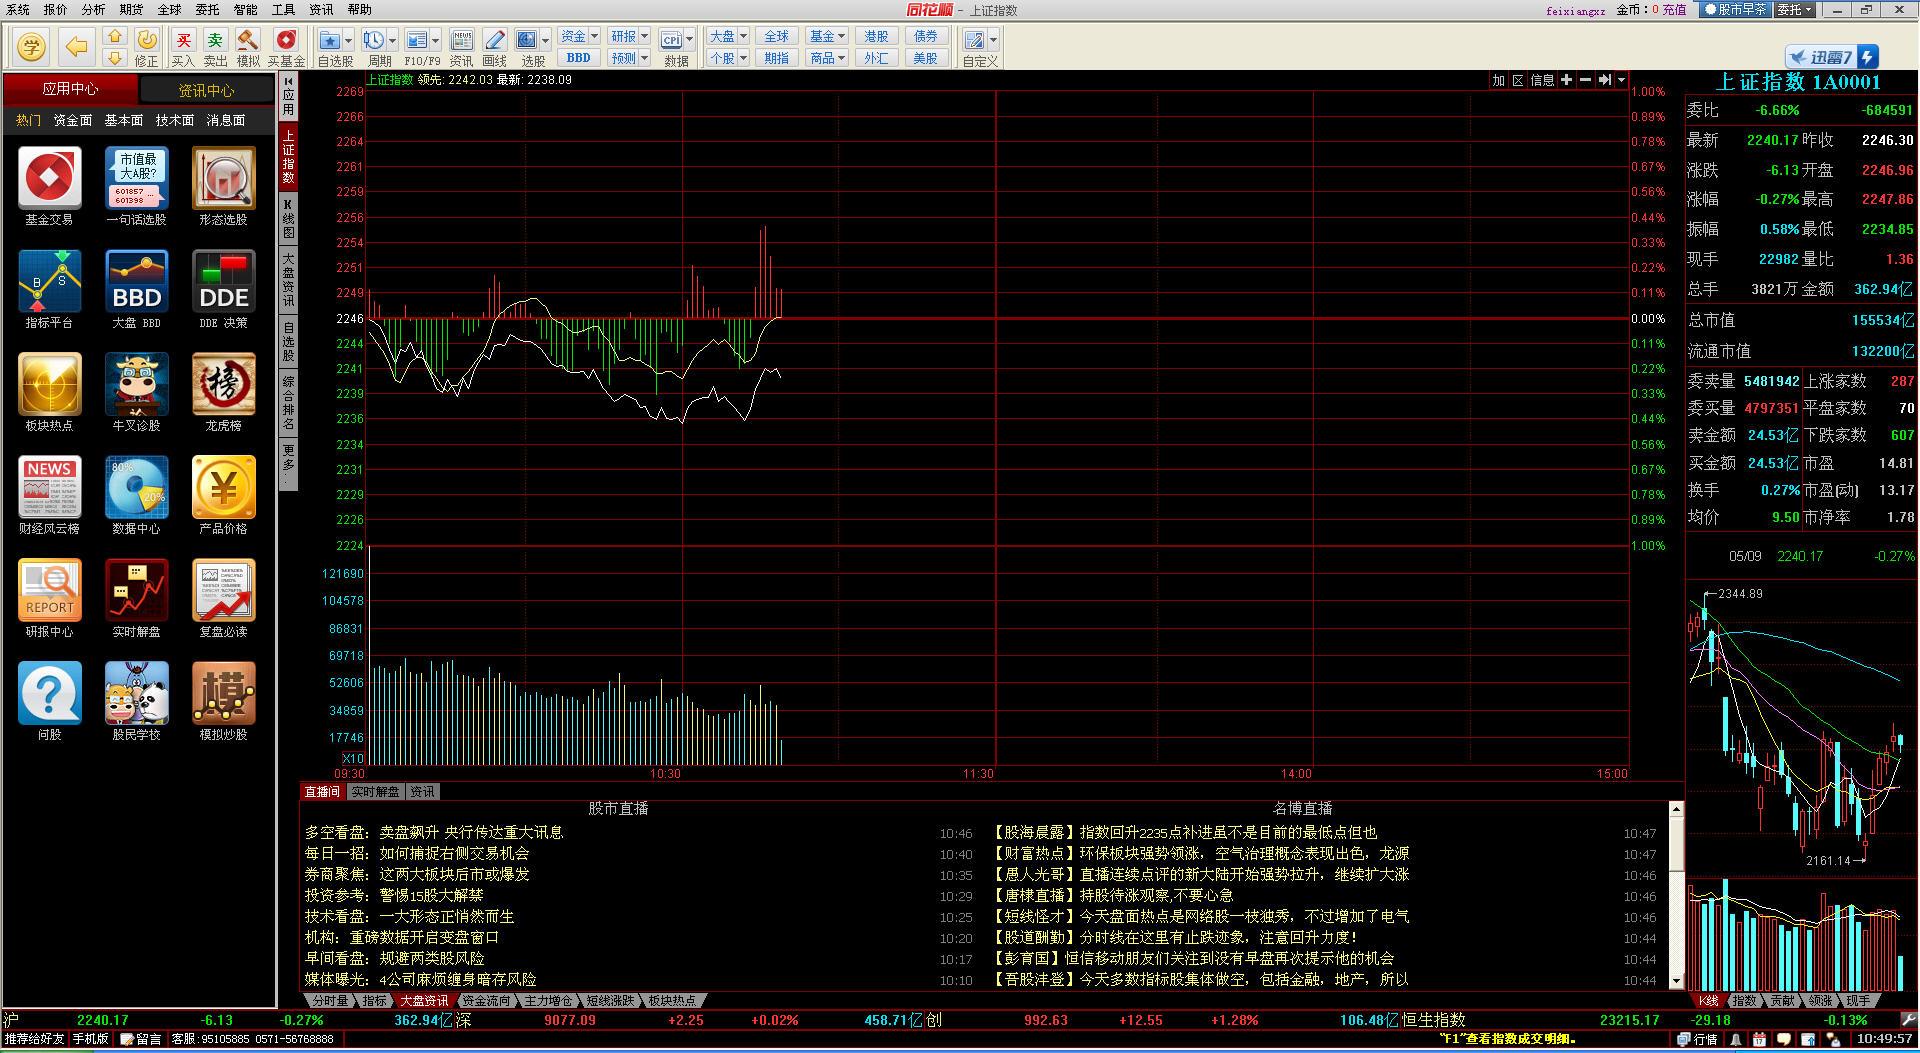 同花顺证券行情分析软件V8.40.73 简体中文官方安装版